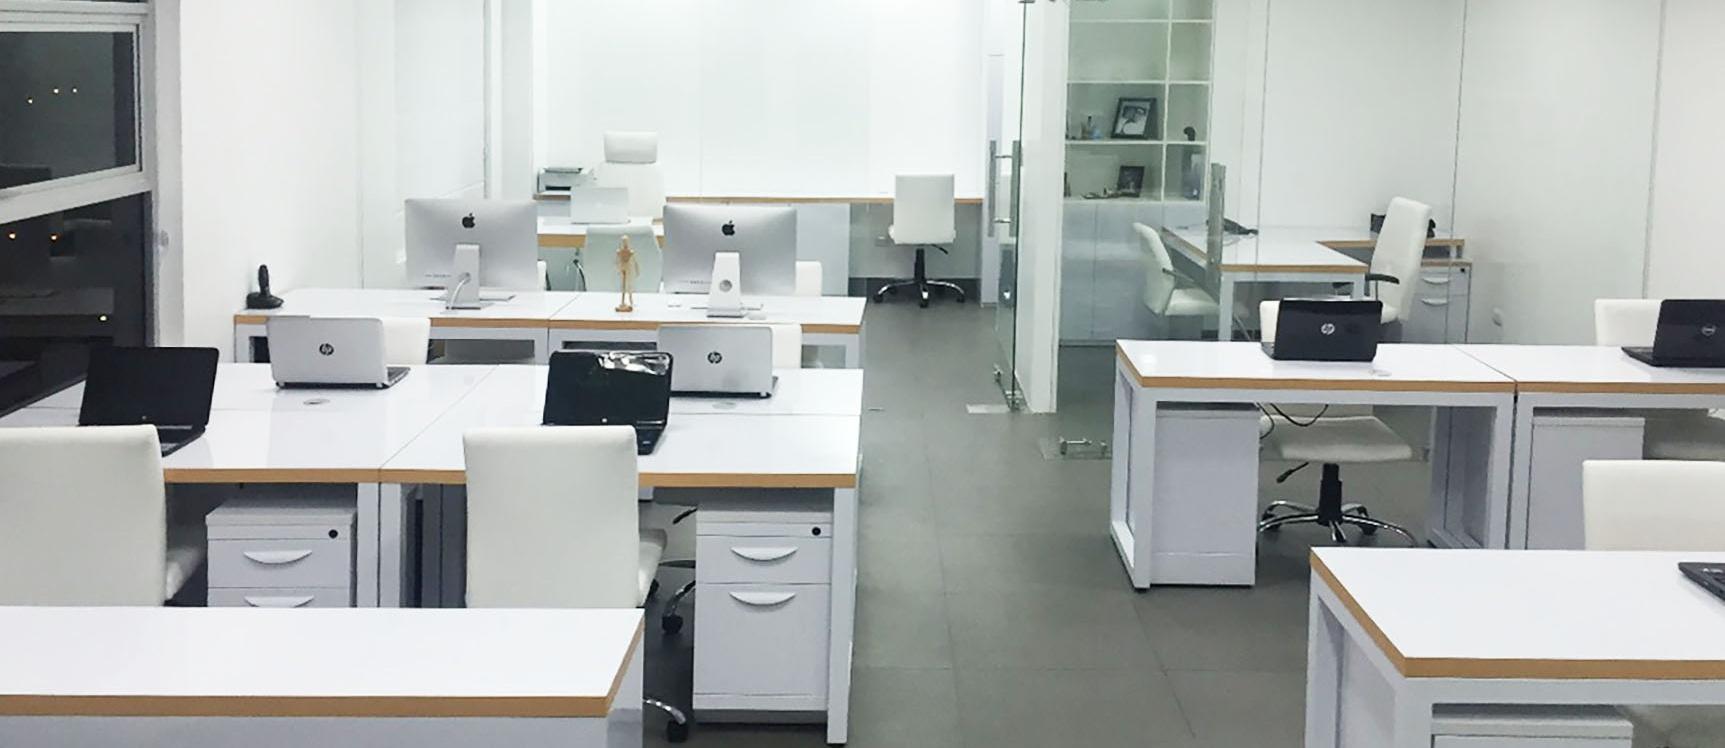 GeoBienes - Oficina en alquiler Edificio Olivos Tower, Ceibos, Norte de Guayaquil - Plusvalia Guayaquil Casas de venta y alquiler Inmobiliaria Ecuador